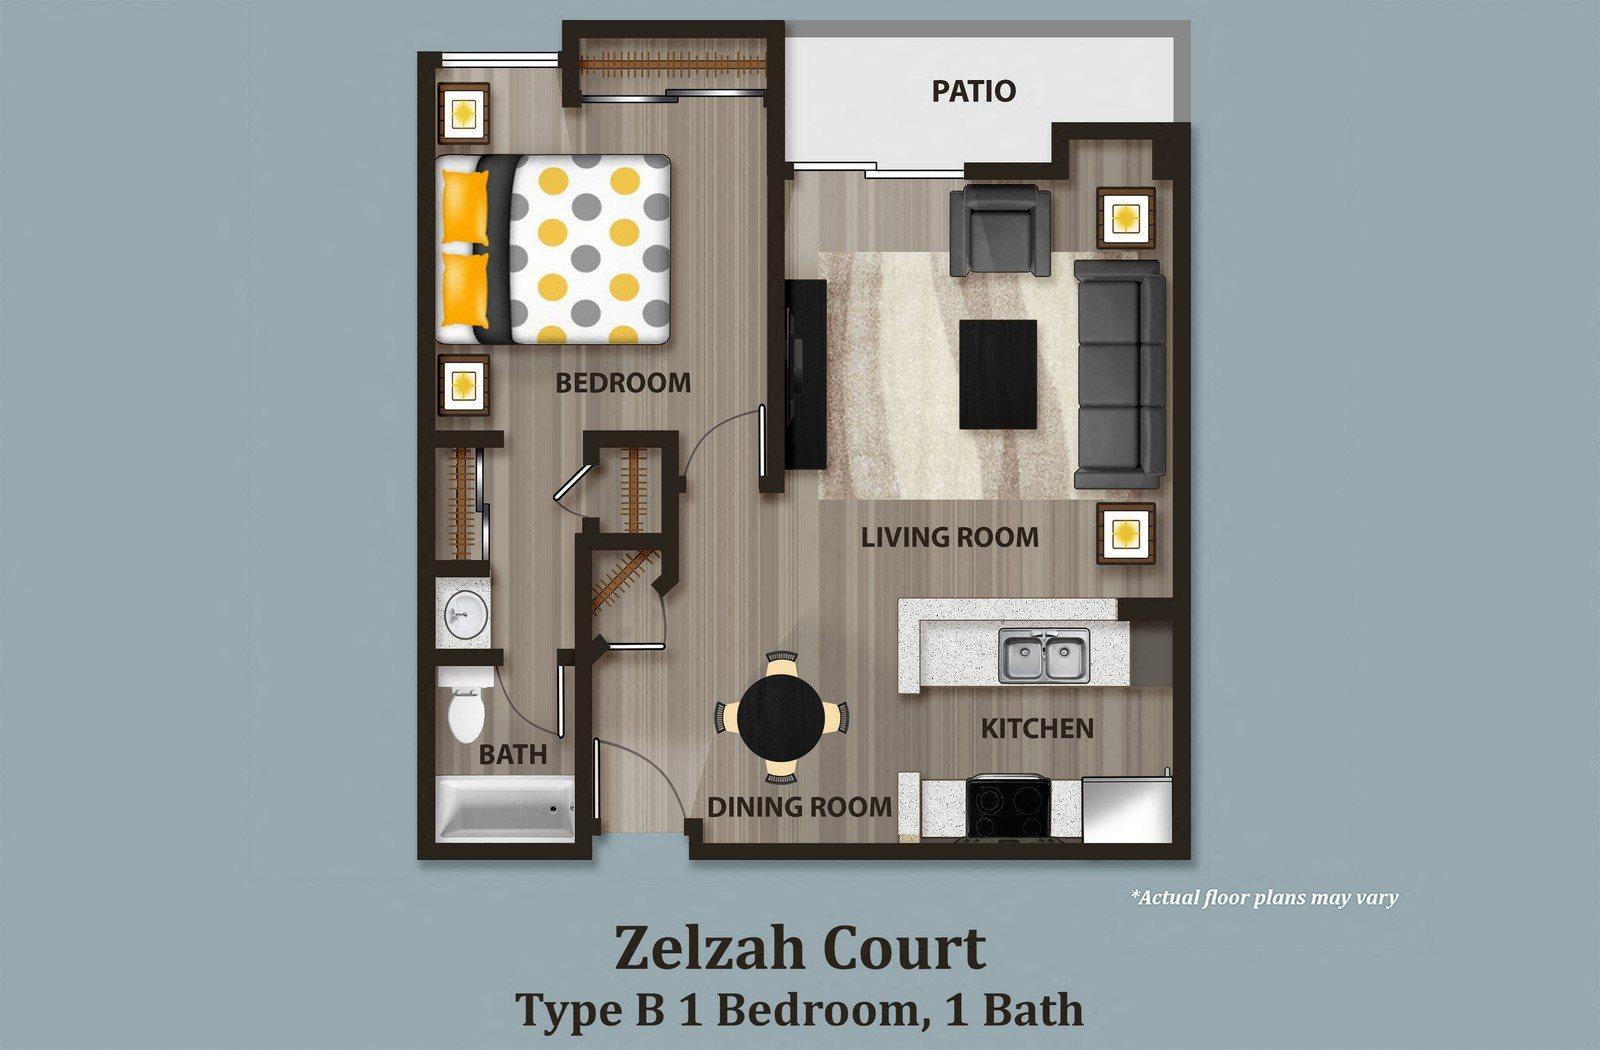 Floor Plans of Zelzah Court in Northridge, CA